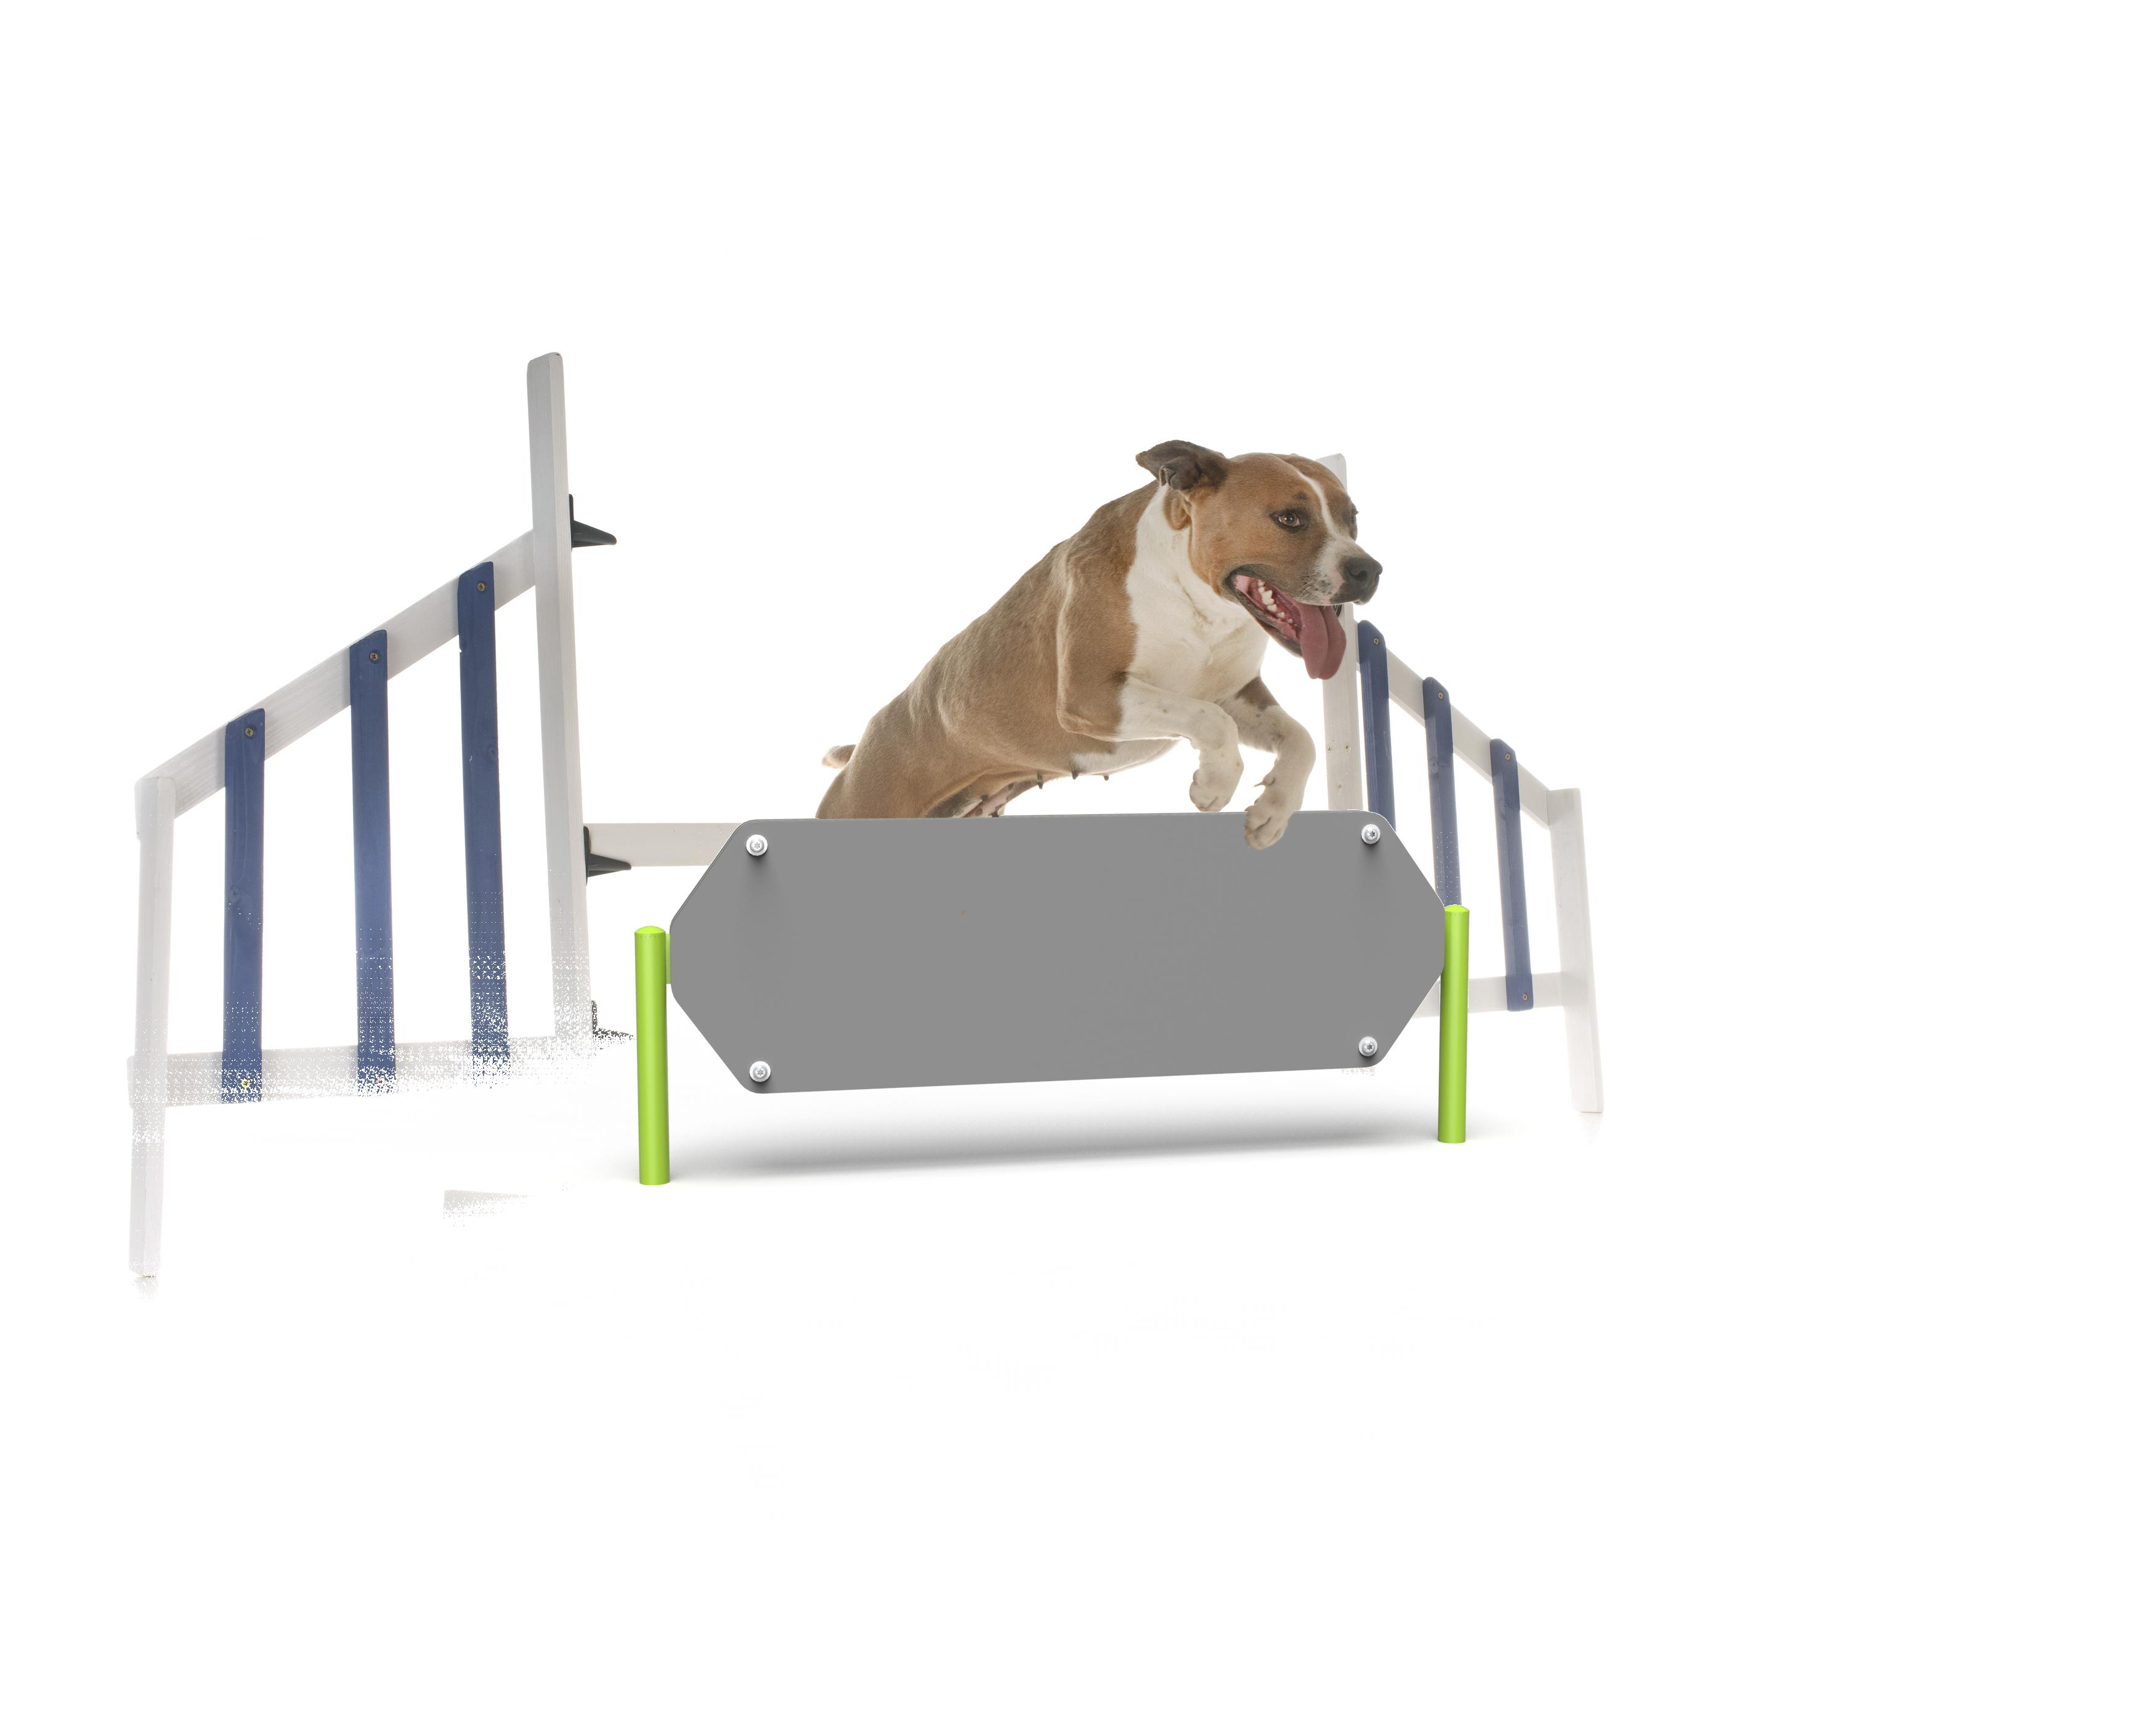 Dog Hexagon Hurdle (MRDP04)